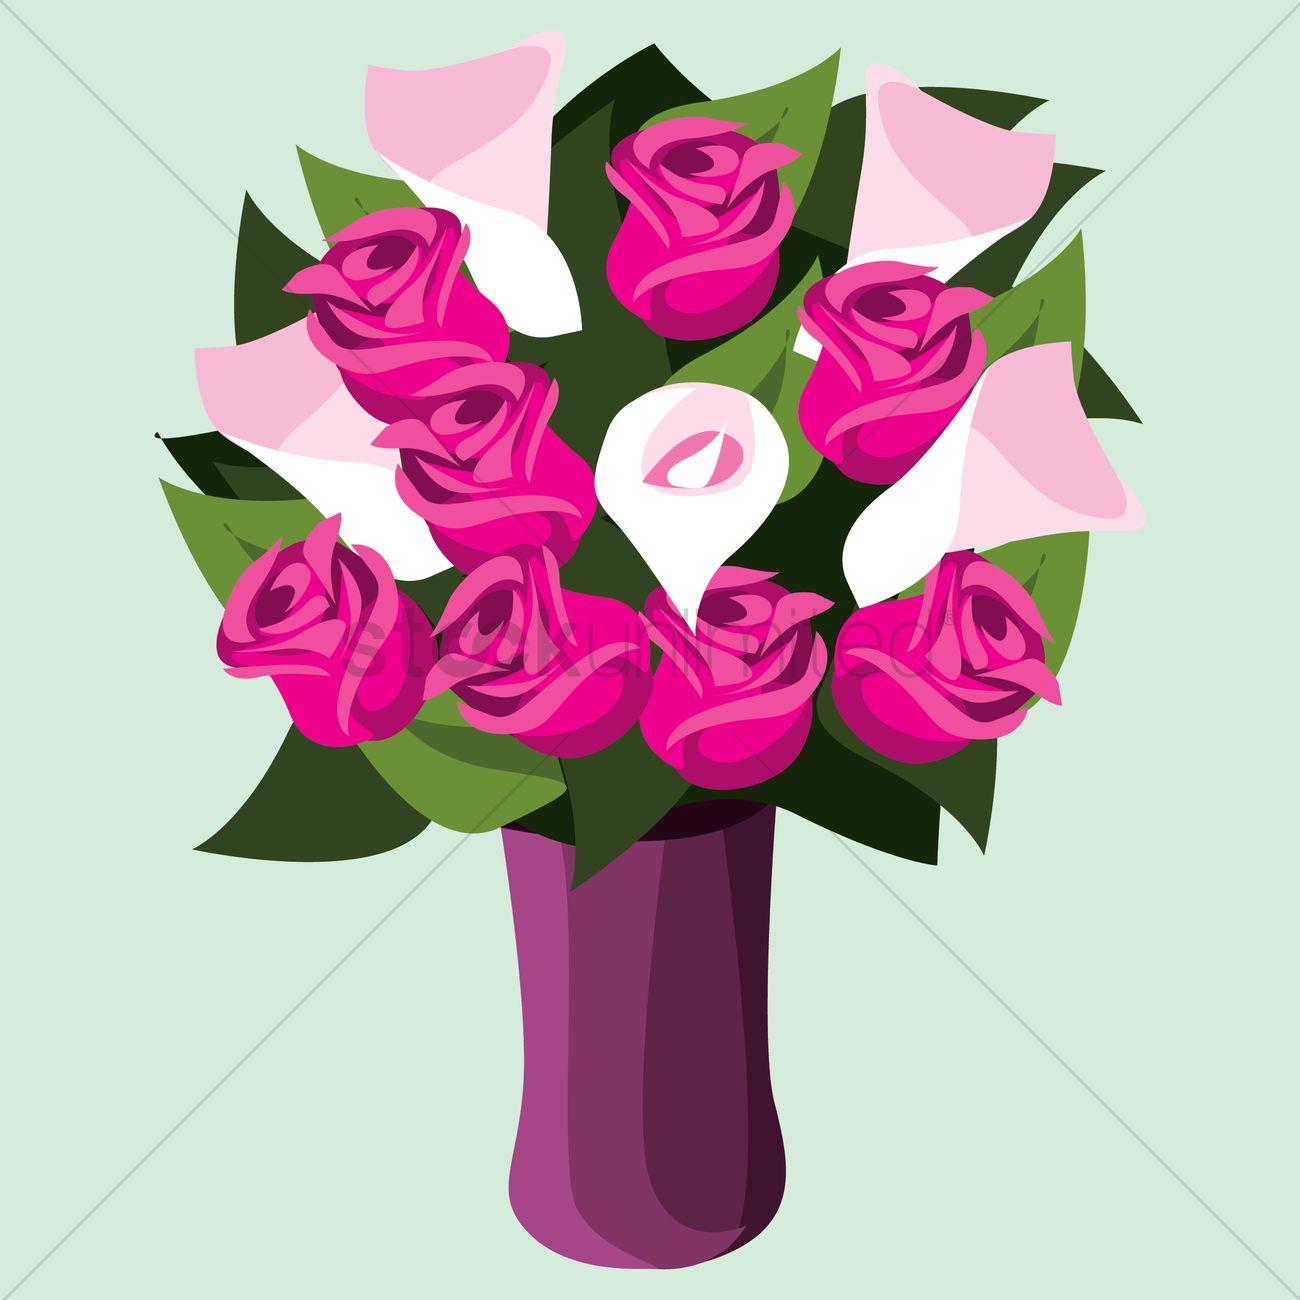 Free rose flowers in vase vector image 1459651 stockunlimited free rose flowers in vase vector graphic reviewsmspy